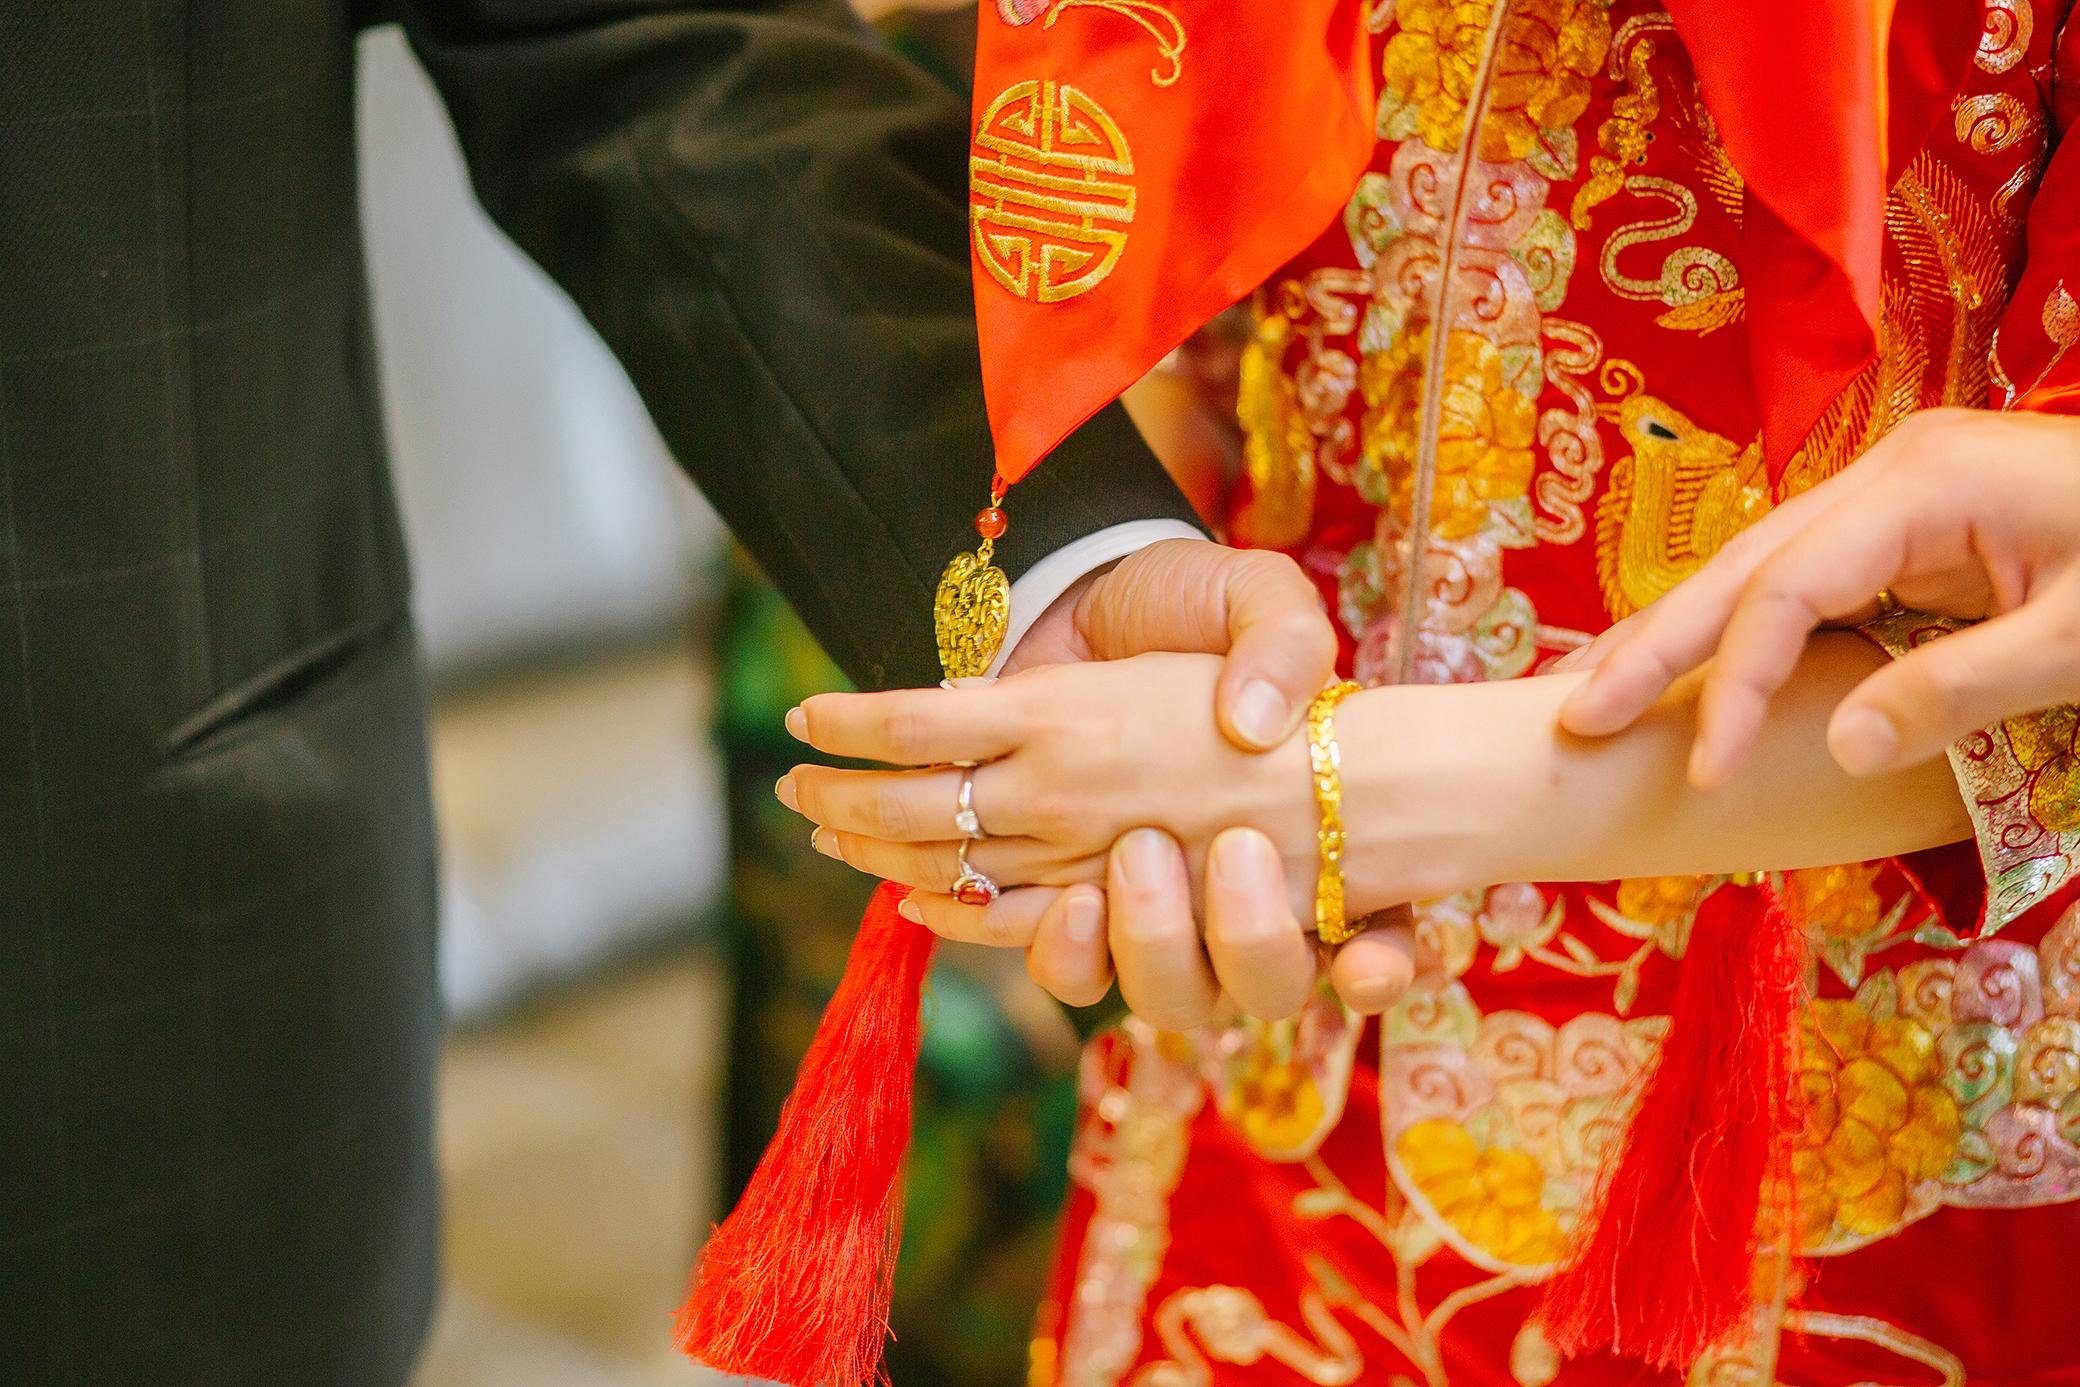 nickchang-wedding-%e5%af%92%e8%88%8d%e8%89%be%e9%ba%97-fineart-21